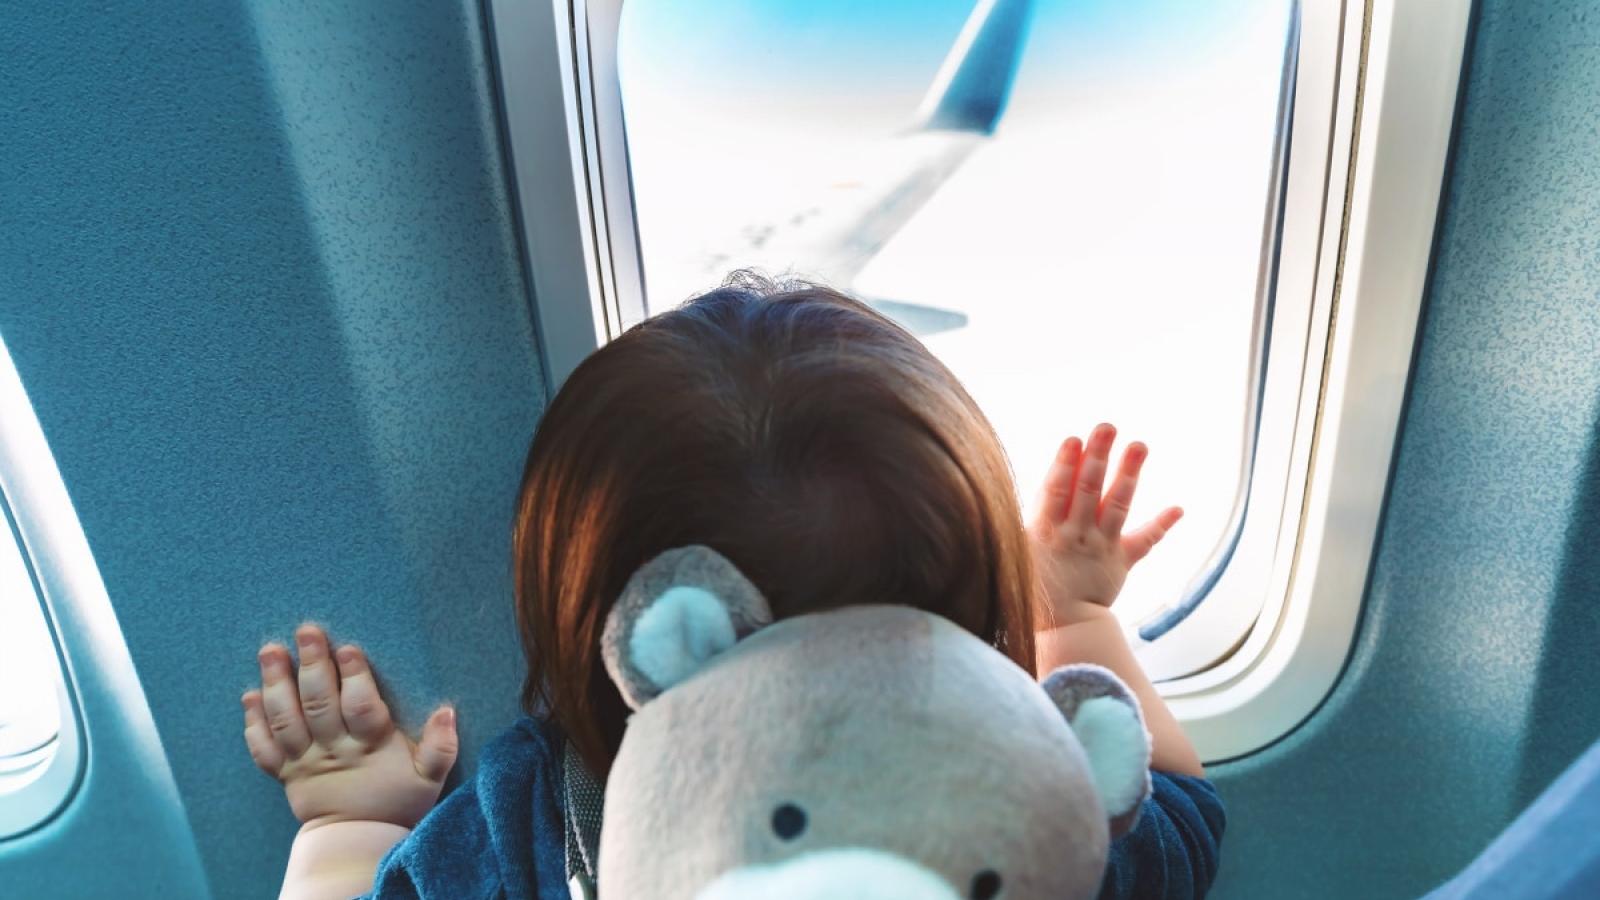 10 điều cha mẹ cần lưu ý khi đưa trẻ đi du lịch bằng máy bay